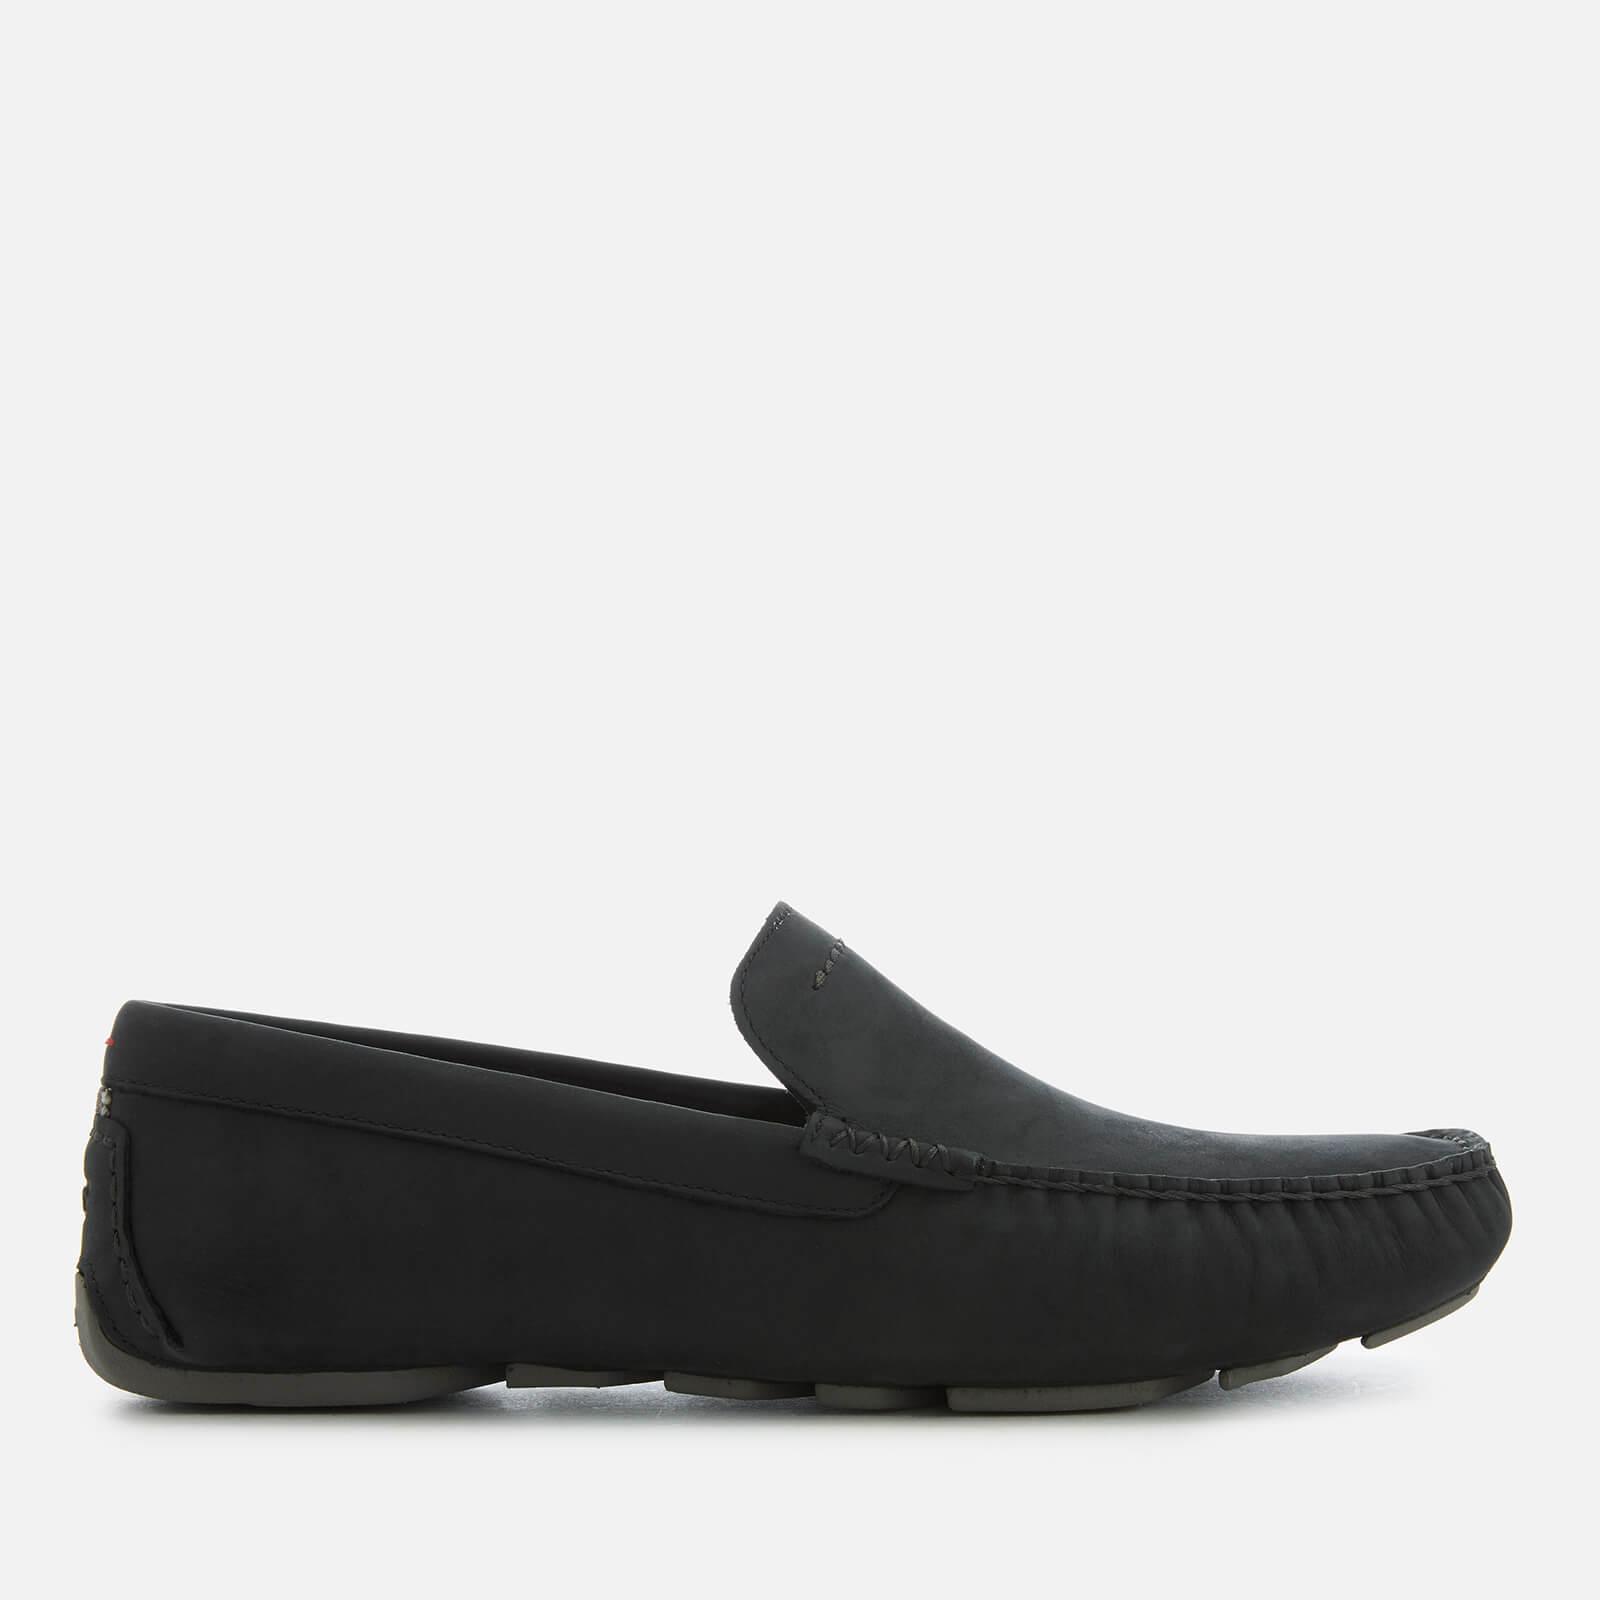 UGG Men's Henrick Driver Shoes - Black - UK 10